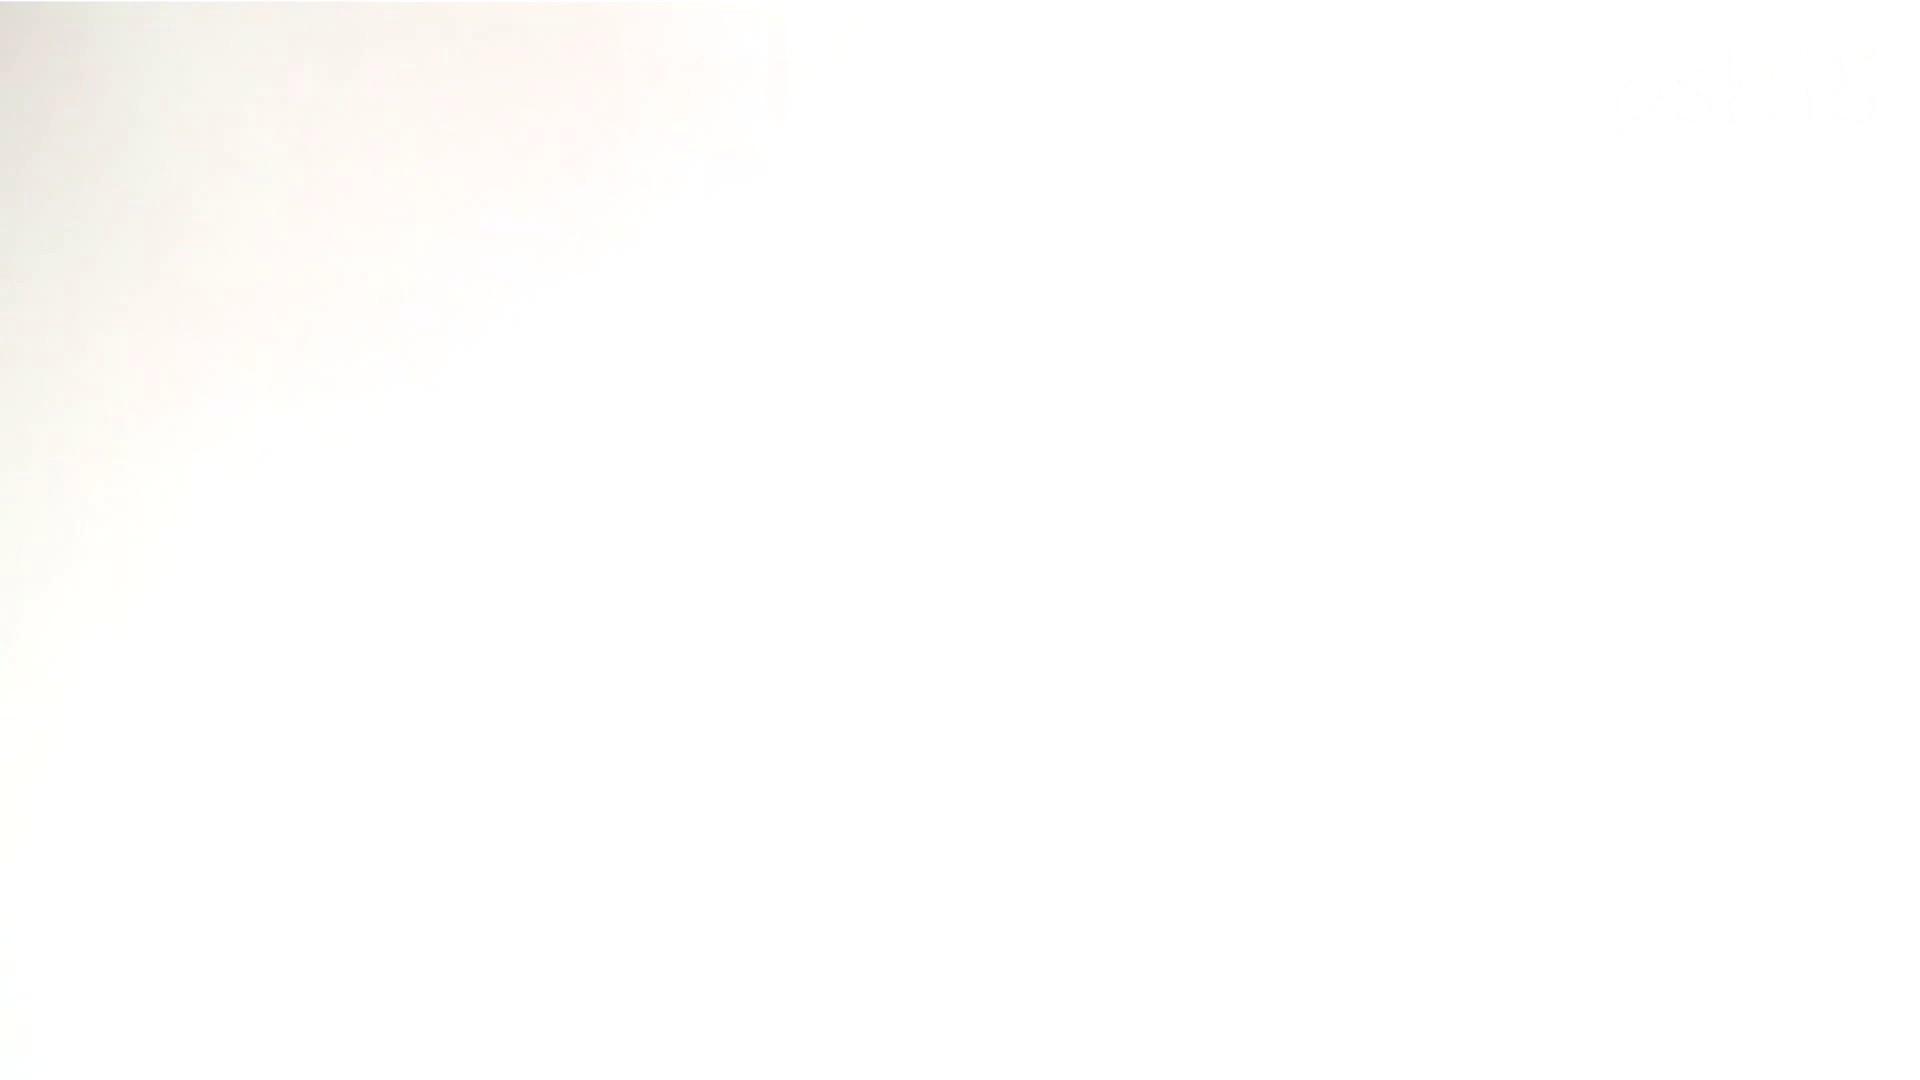 ▲復活限定▲ハイビジョン 盗神伝 Vol.18 お姉さんのSEX ぱこり動画紹介 104枚 13